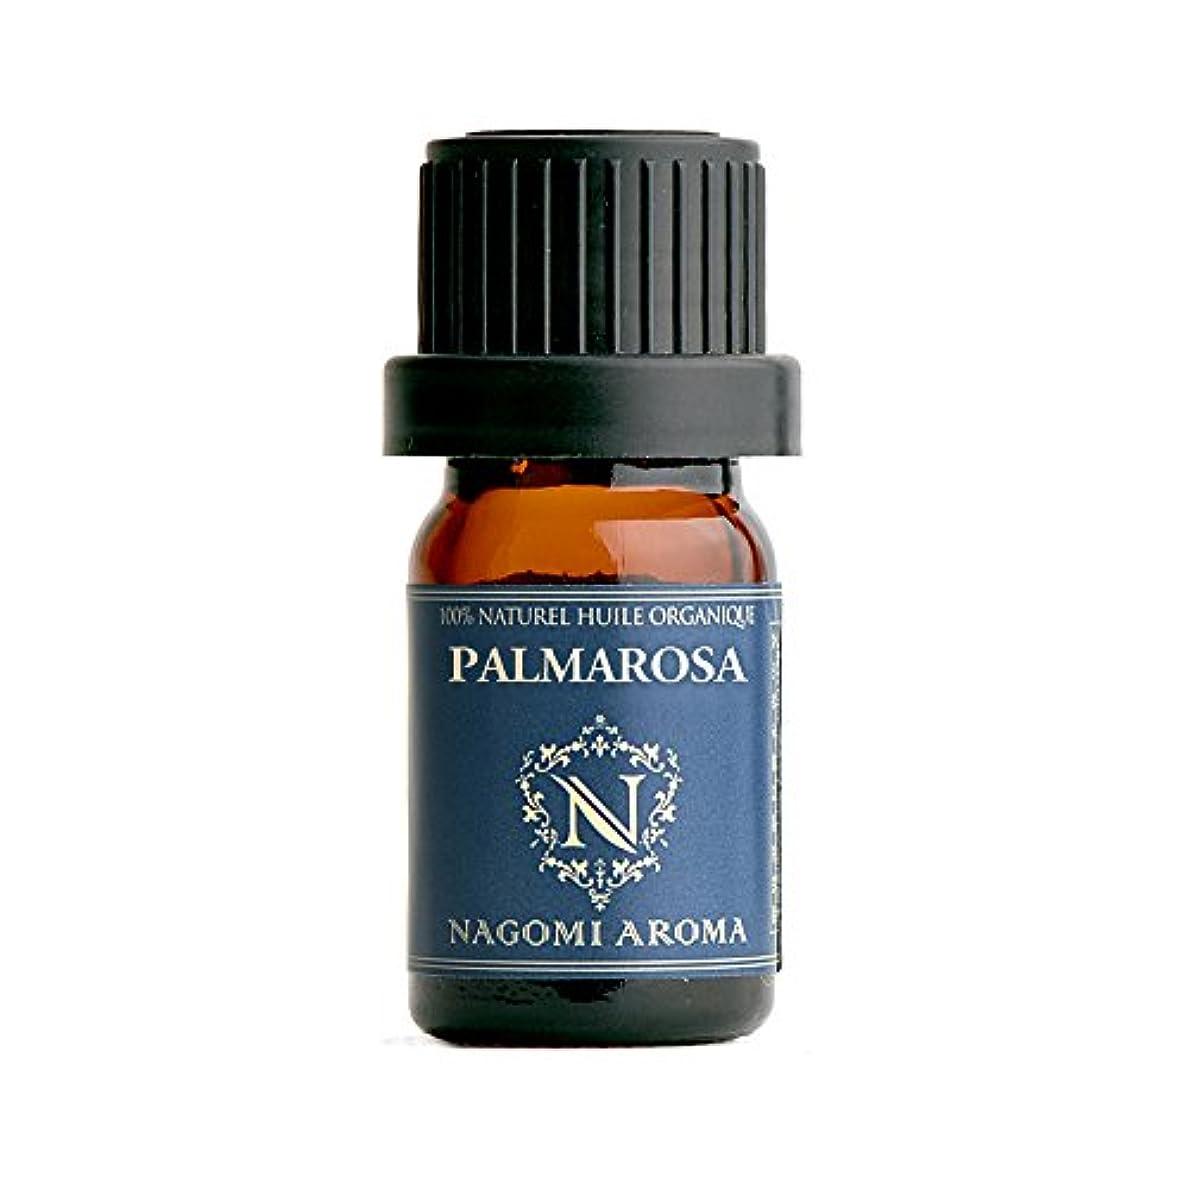 モードハプニング親密なNAGOMI AROMA オーガニック パルマローザ5ml 【AEAJ認定精油】【アロマオイル】